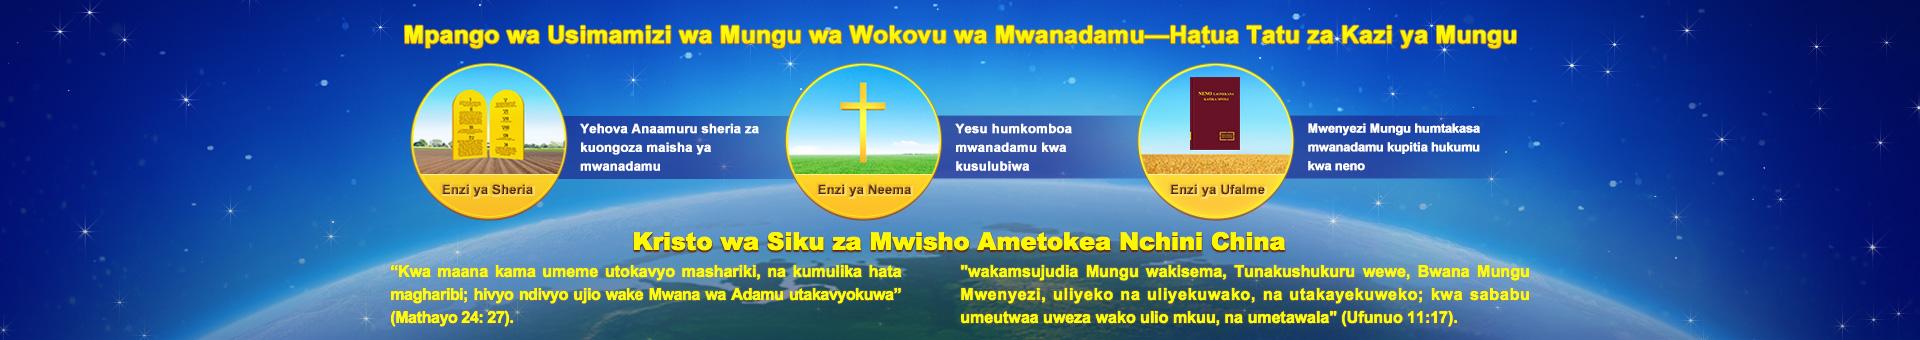 Kristo wa Siku za Mwisho Ameonekana